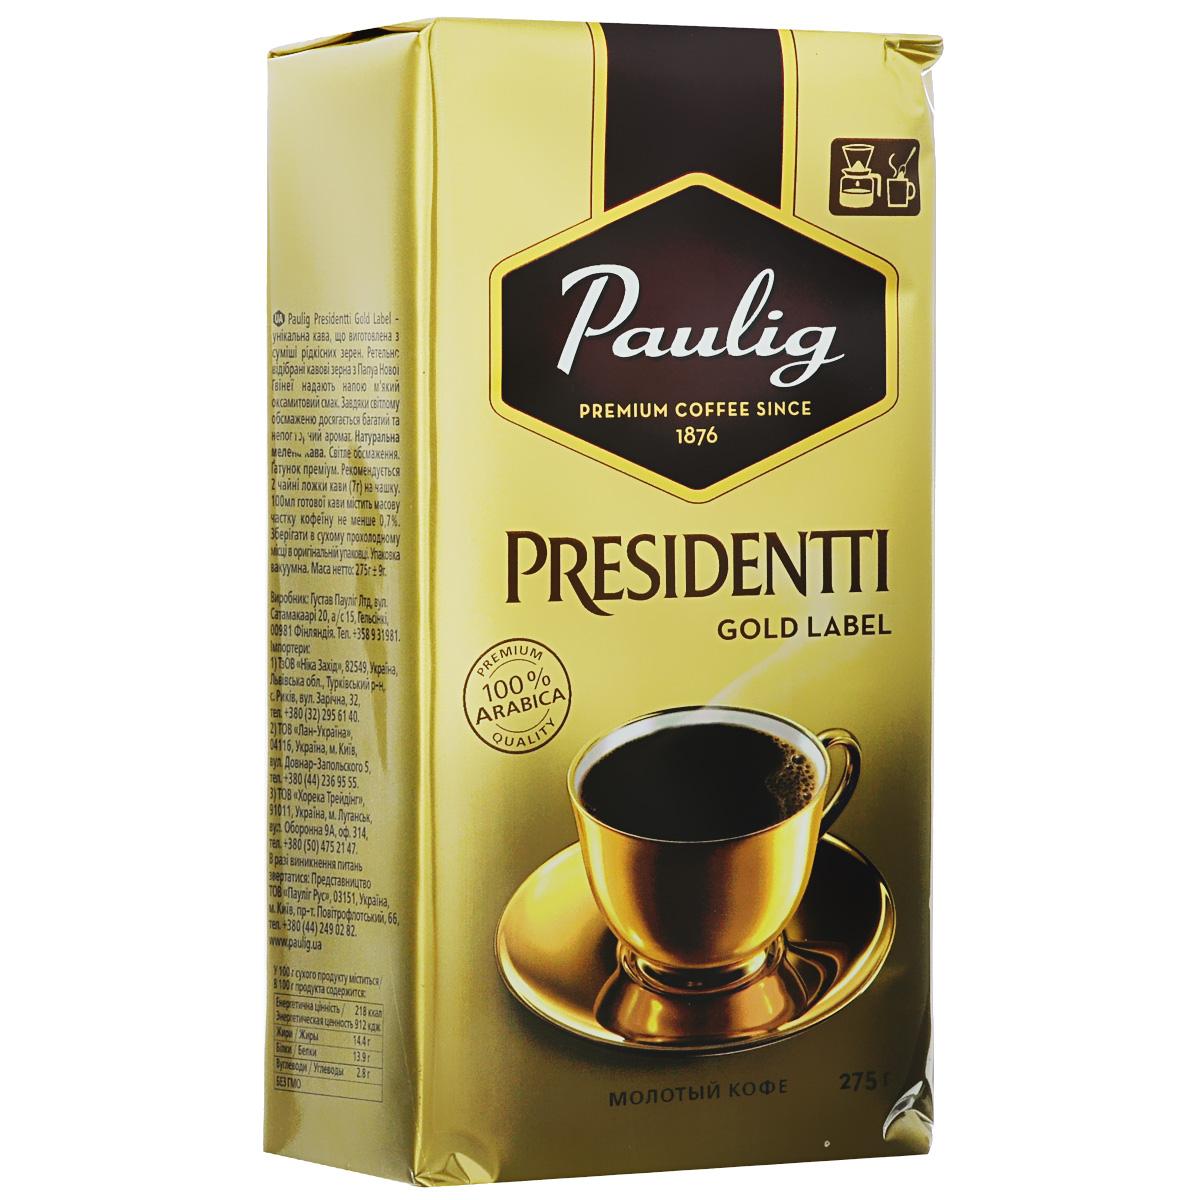 Paulig Presidentti Gold Label кофе молотый, 275 г16563Paulig Presidentti Gold Label - уникальный кофе, приготовленный из смеси редких кофейных зерен. Тщательно отобранные кофейные зерна из Папуа – Новой Гвинеи дарят напитку мягкий, бархатистый вкус. Благодаря легкой обжарке достигается богатый, неповторимый аромат.